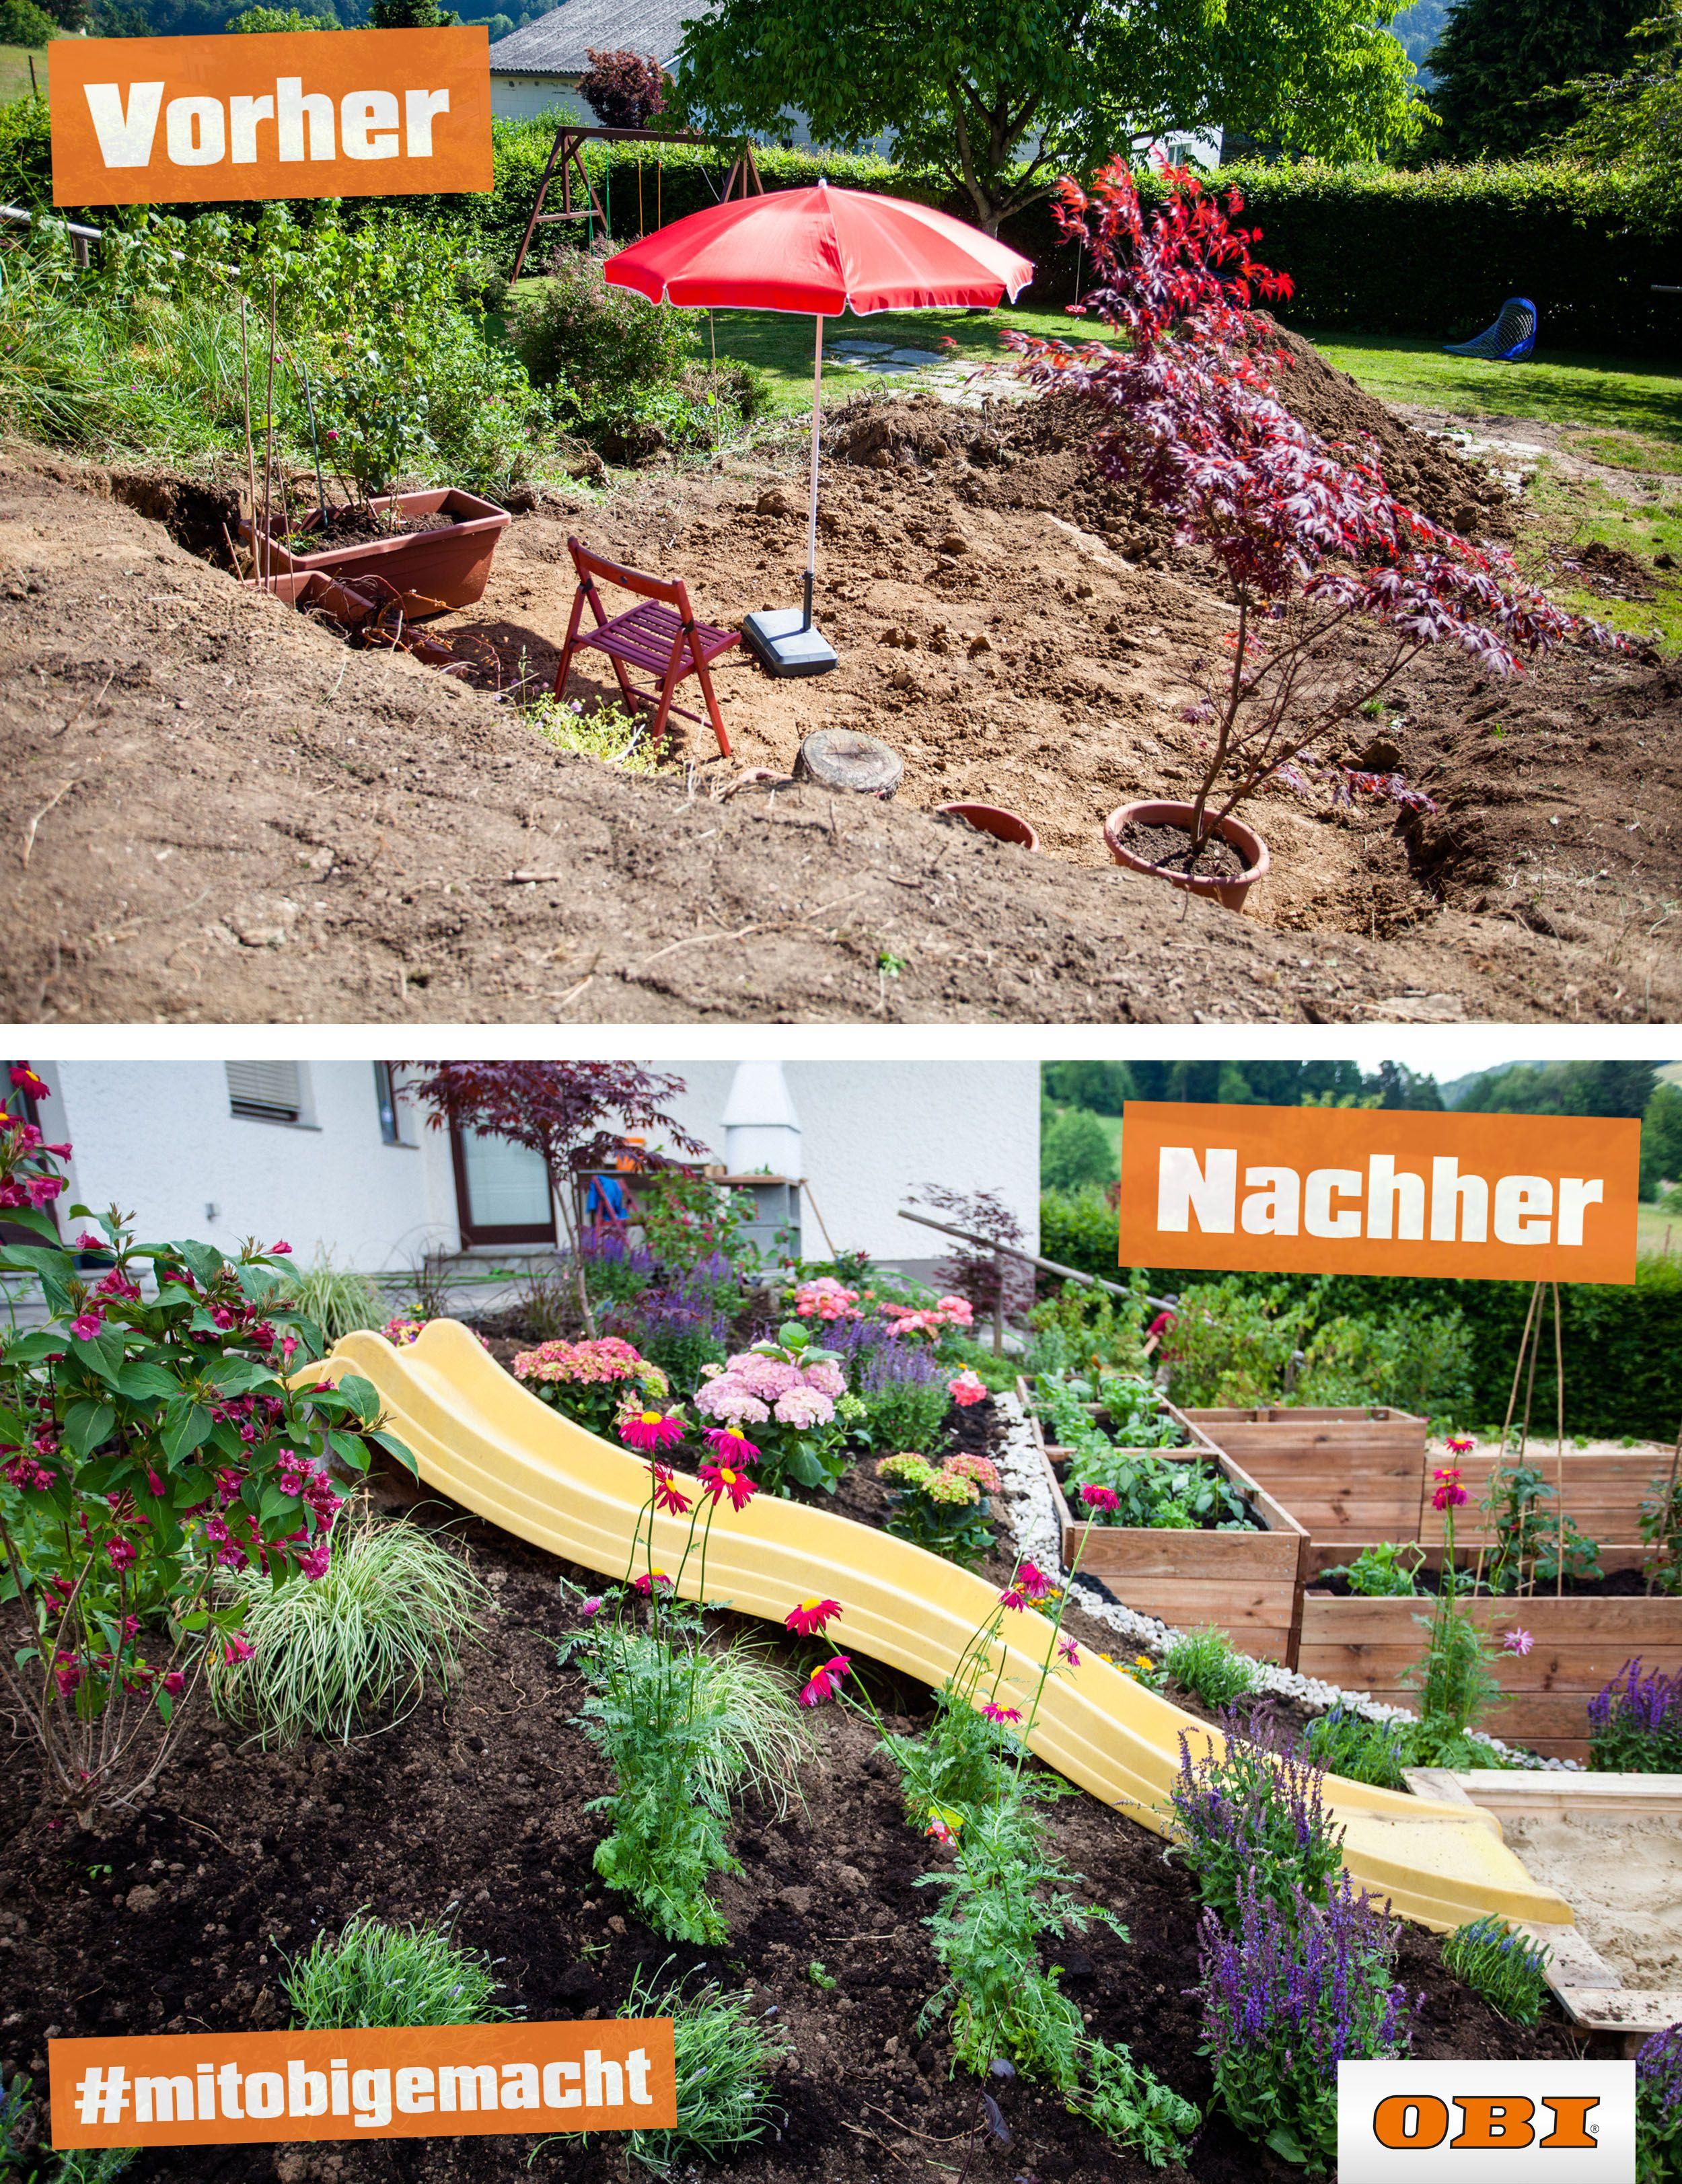 Gartenzäune bequem von zu Hause aus vergleichen ✓ Zäune & Mauern